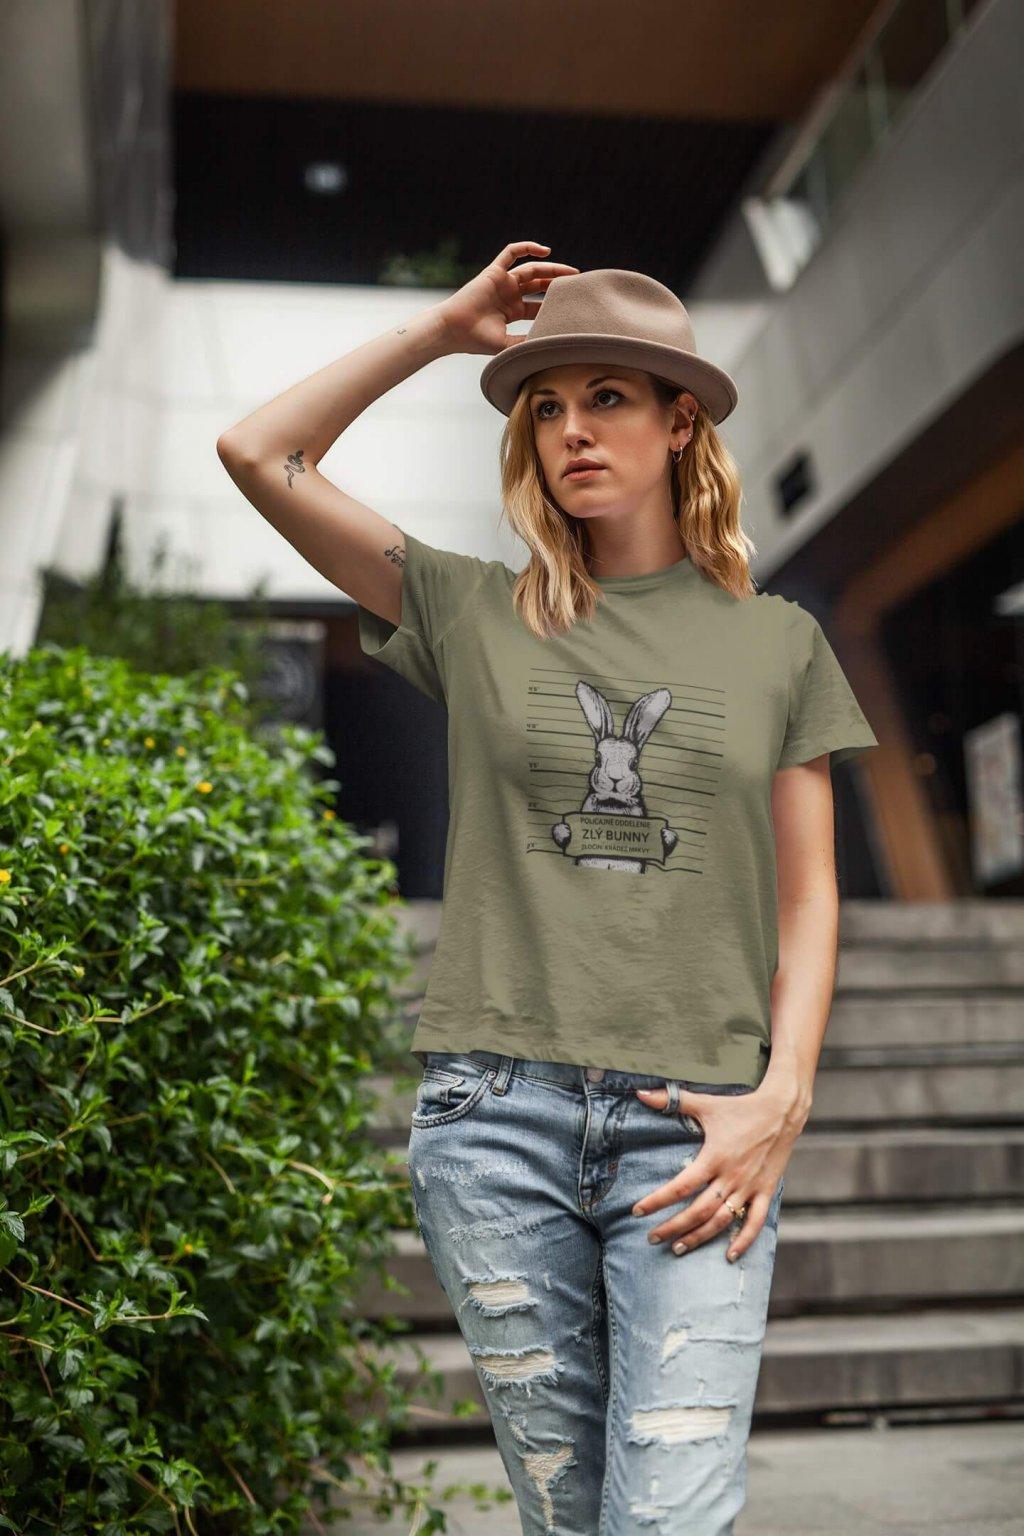 Dámske tričko Zlý Bunny